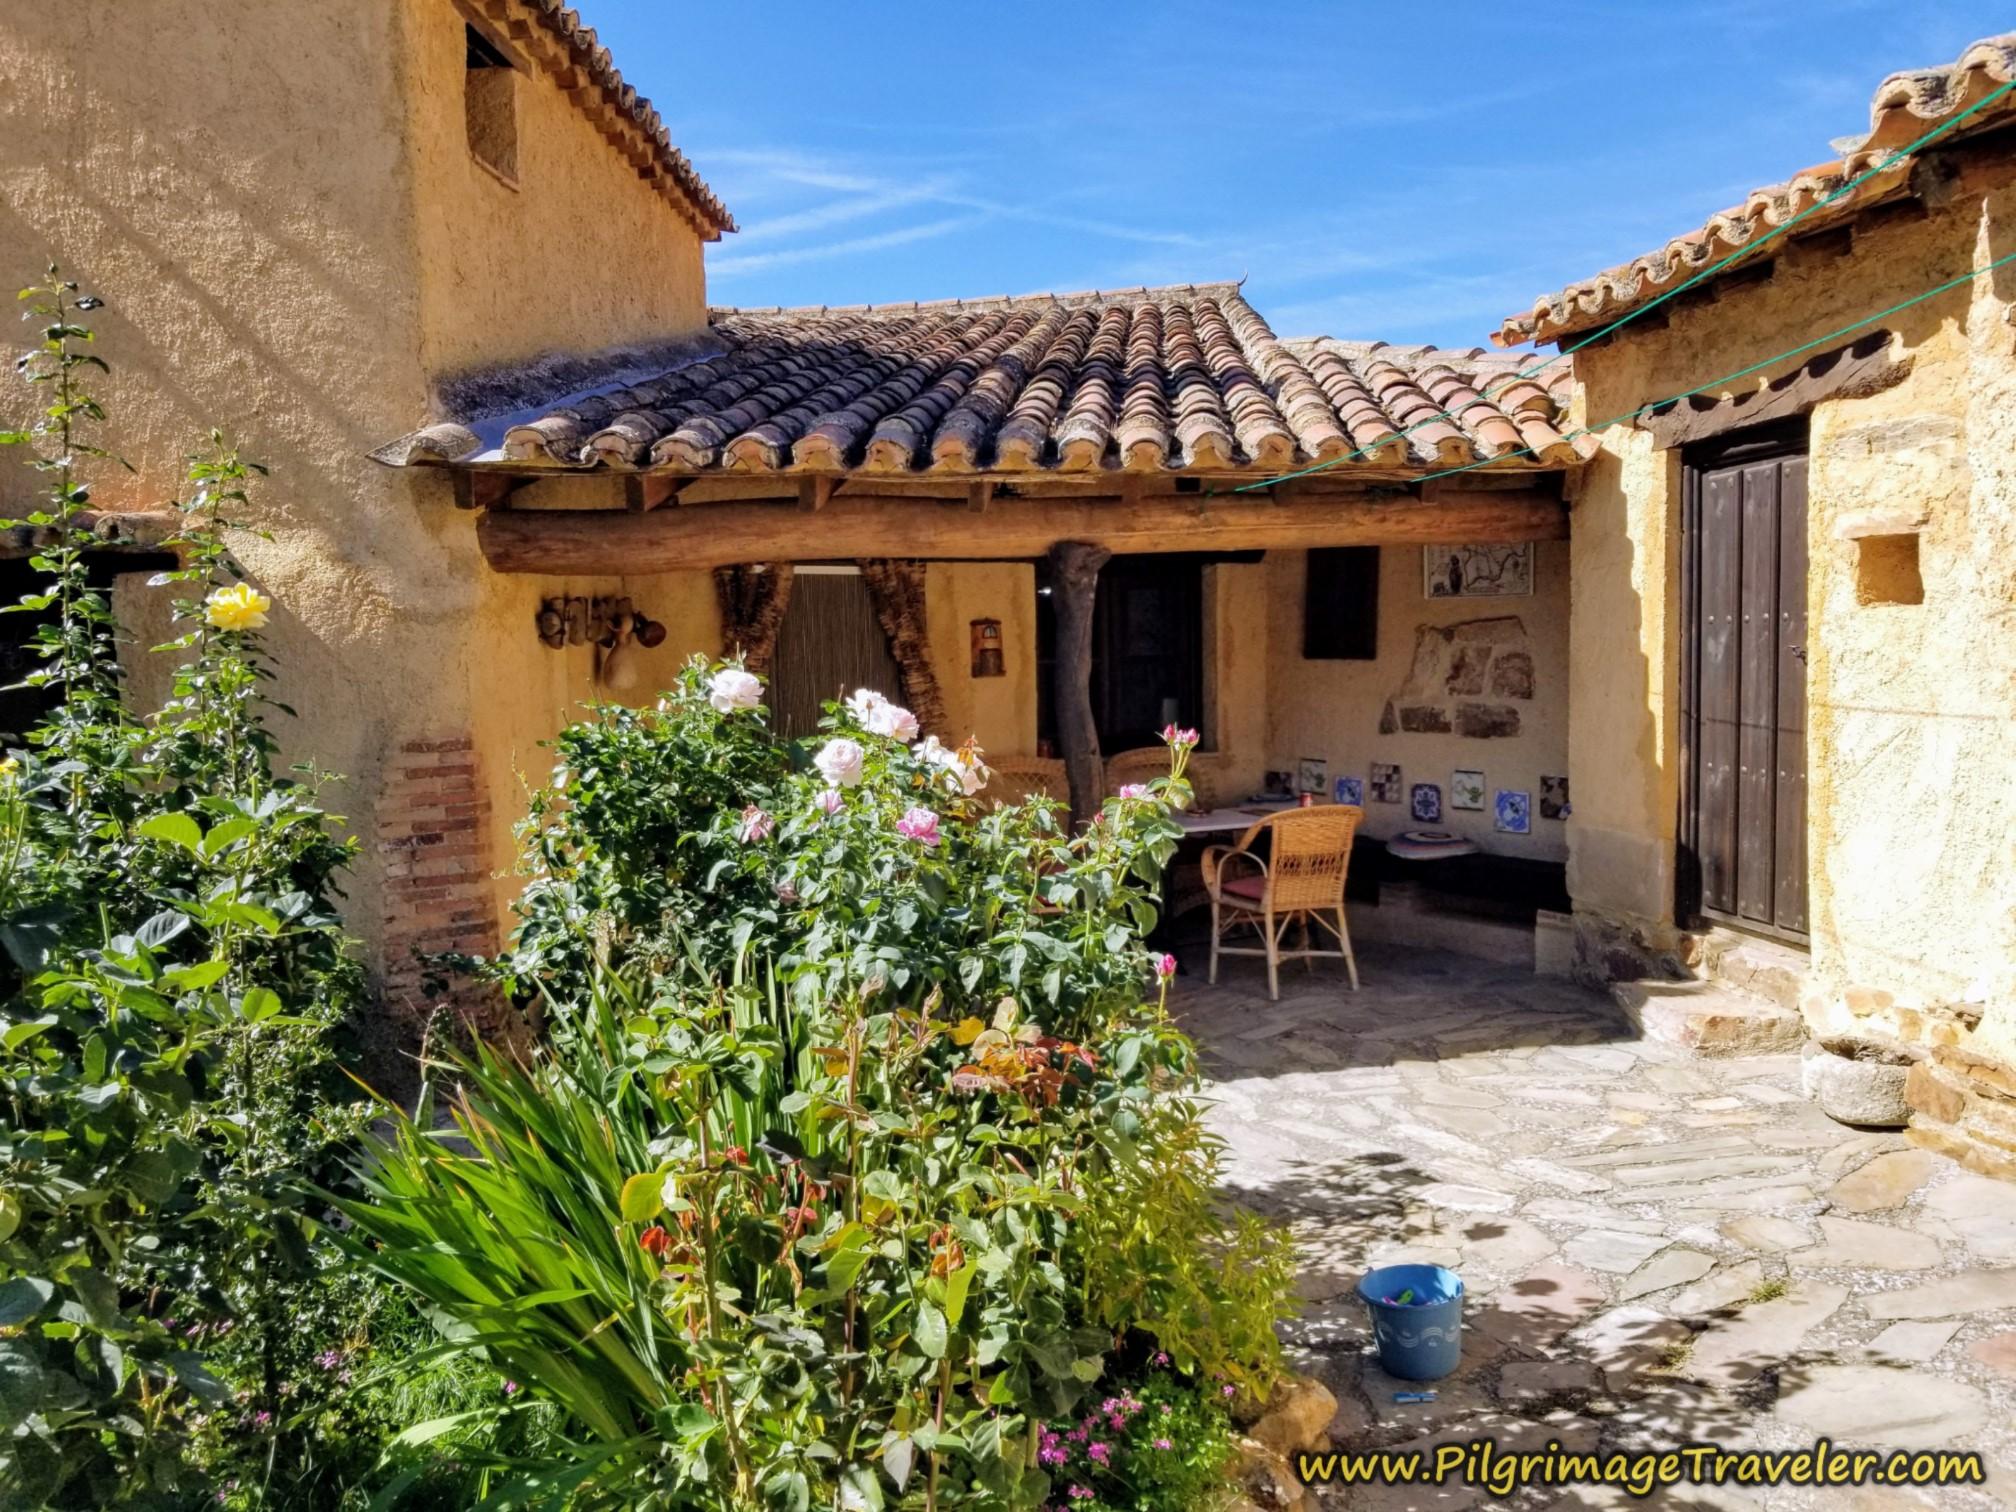 La Casa del Tío Quico Outdoor Dining Area and Courtyard on the Vía de la Plata from Montamarta to Granja de Moreruela